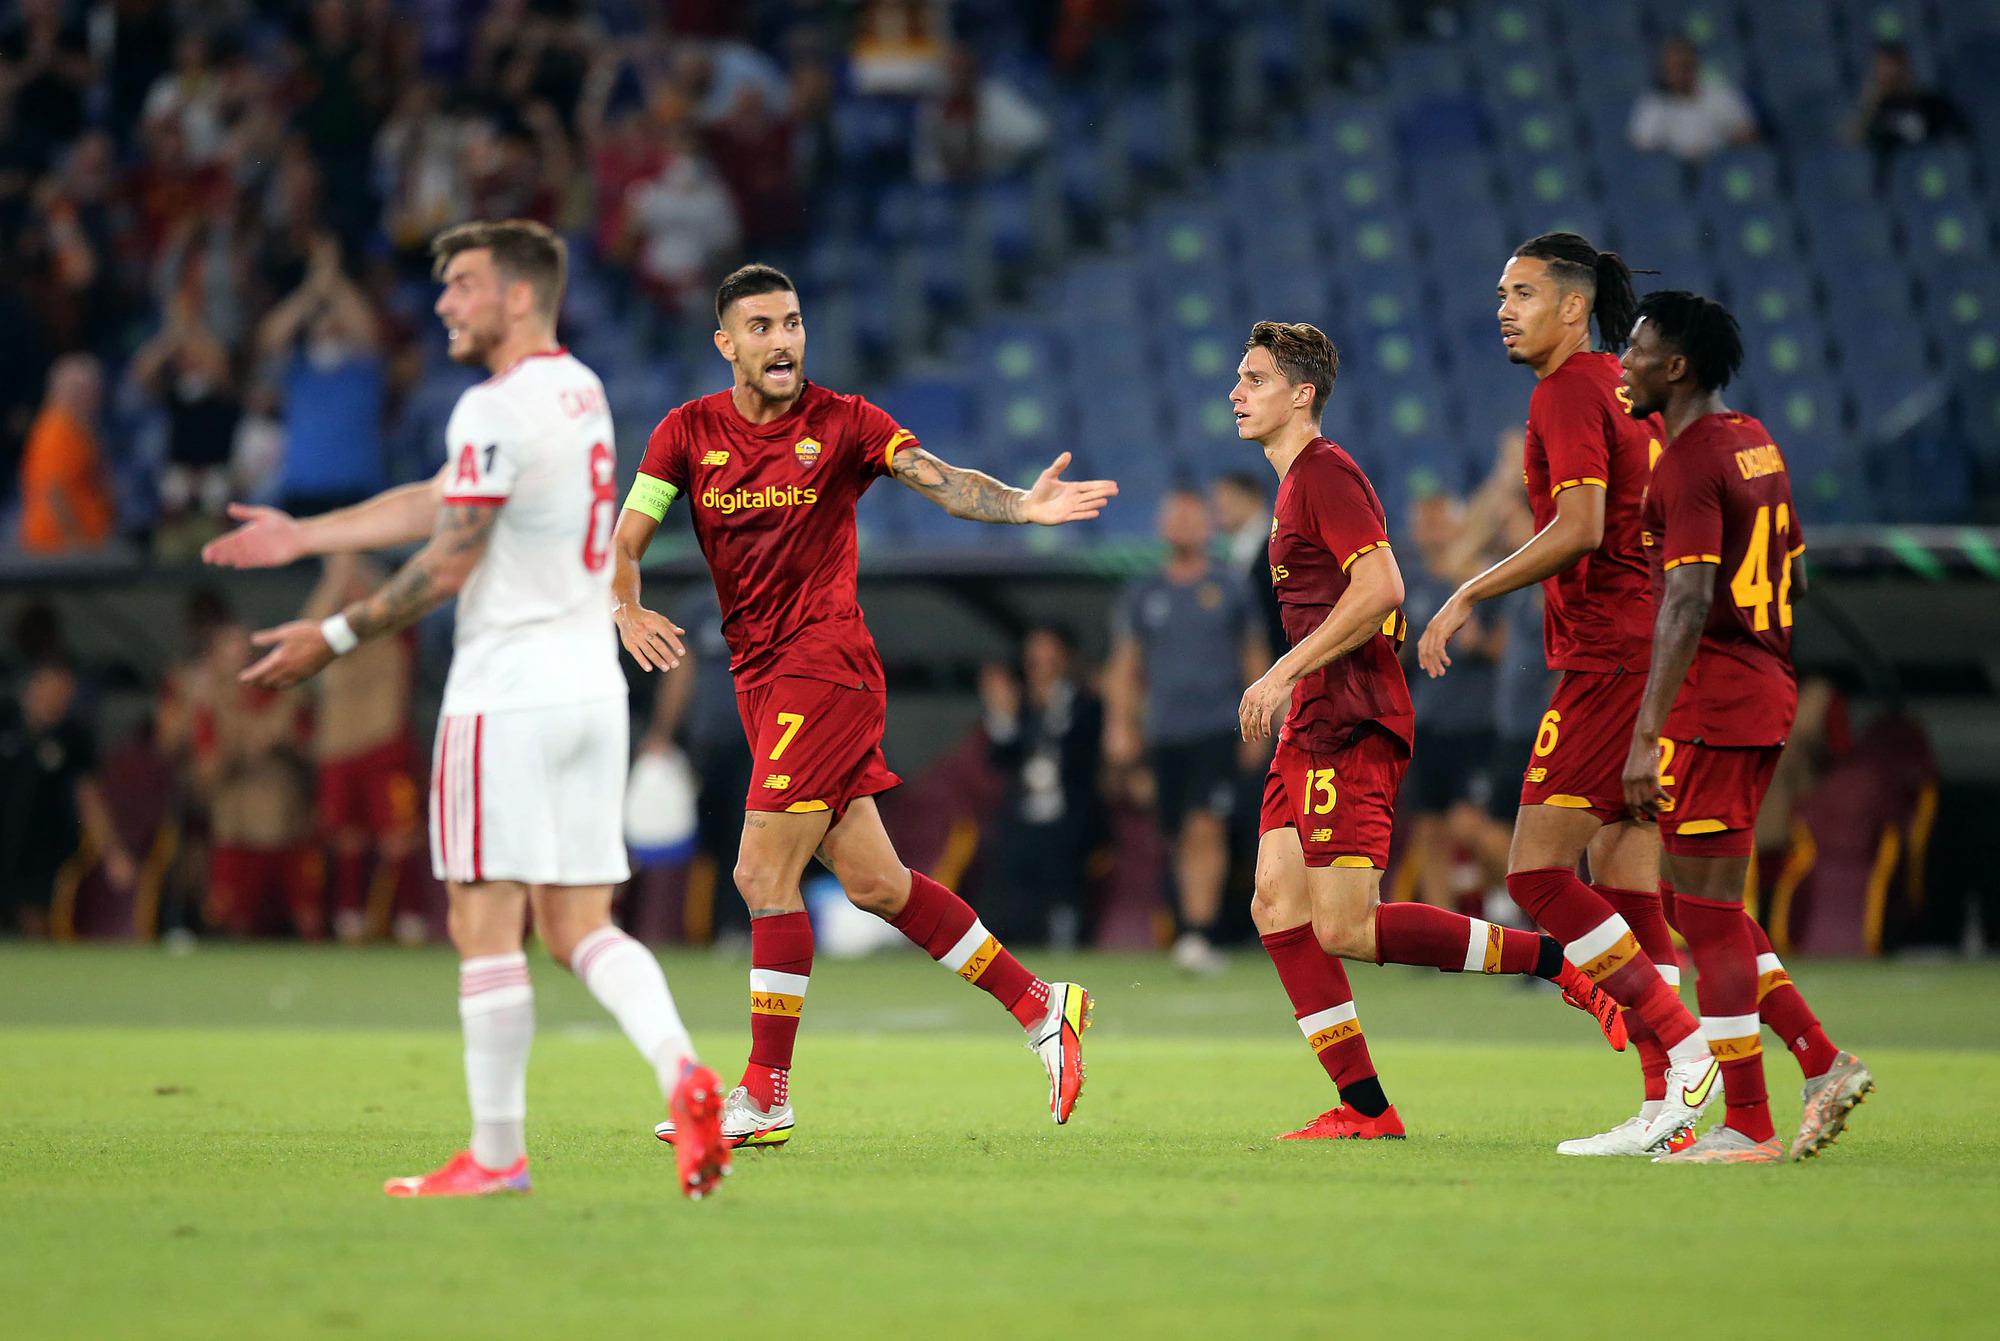 Pellegrini (số 7) chia vui với các cầu thủ Roma sau bàn gỡ hoà 1-1 trong trận thắng CSKA Sofia 5-1 ở Europa Conference League hôm 16/9. Ảnh: Corriere dello Sport